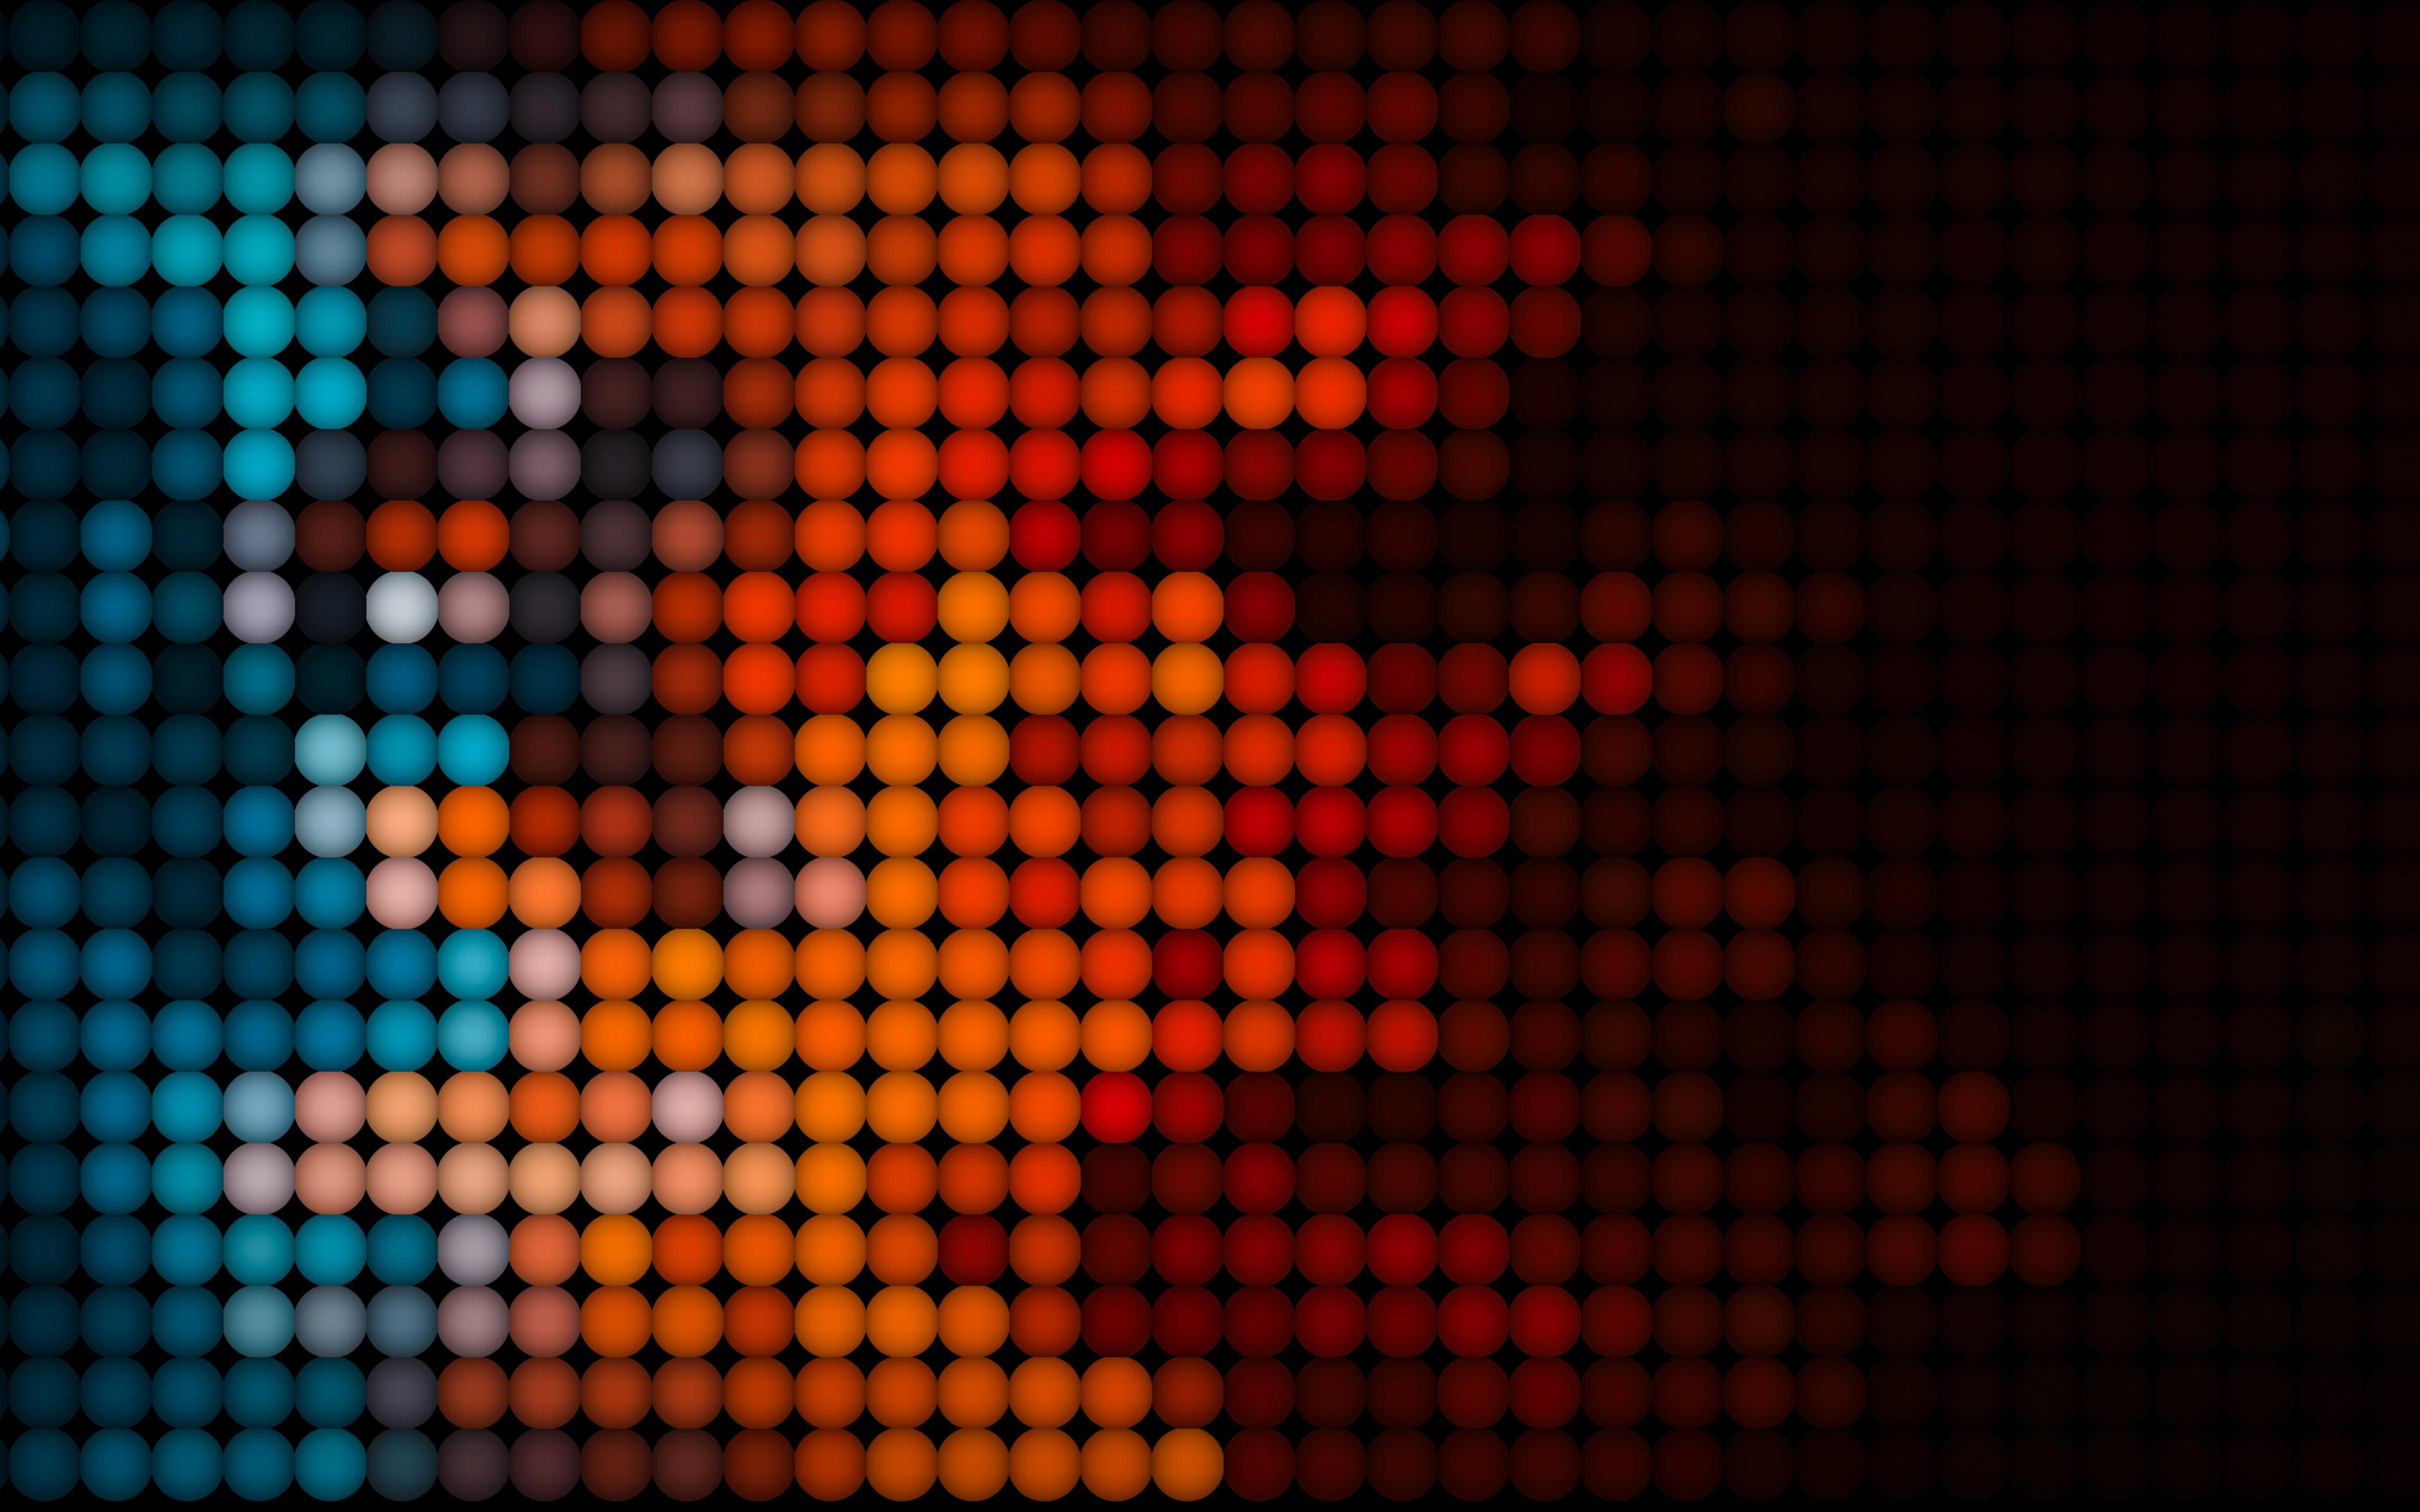 dots-abstract-4k-6g.jpg